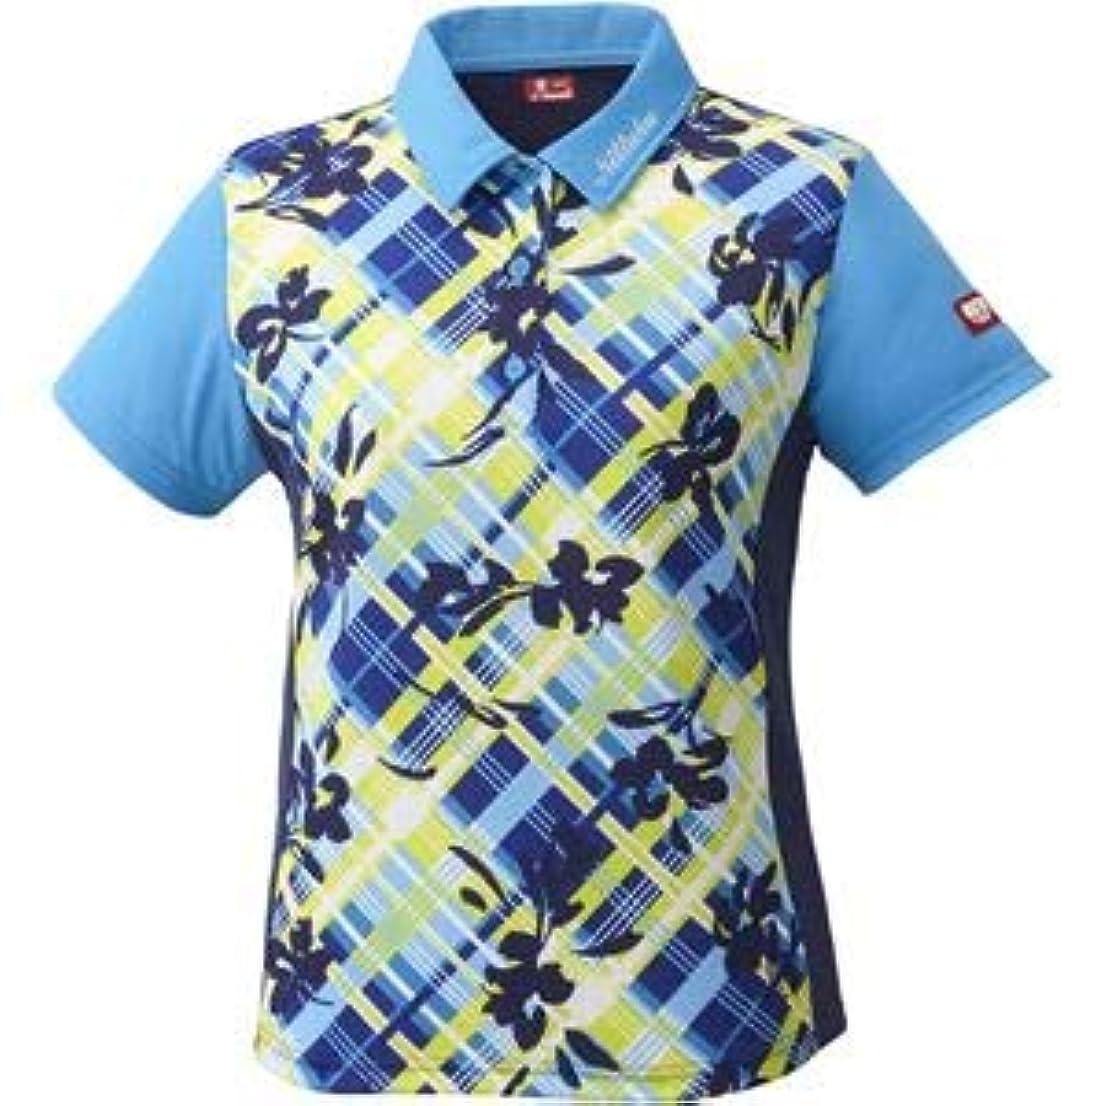 浮く差し引くスクリューニッタク(Nittaku)卓球アパレル FURACHECKS SHIRT(フラチェックスシャツ)ゲームシャツ(レディース)NW2181 ブルー L